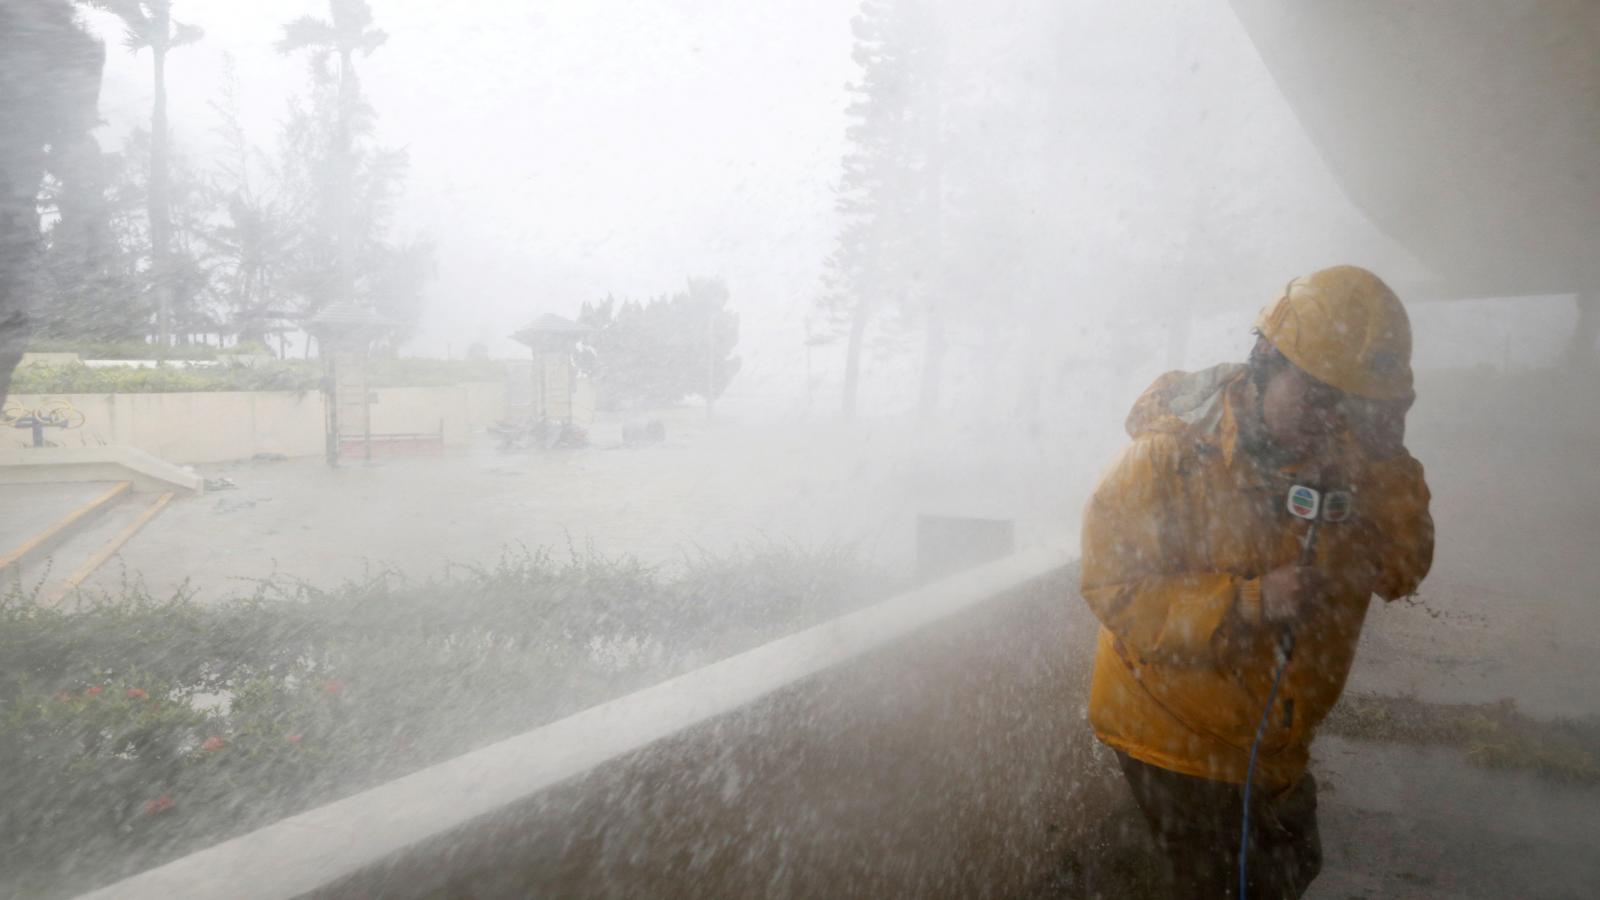 Tajfun Mangkhut bičuje Filipíny